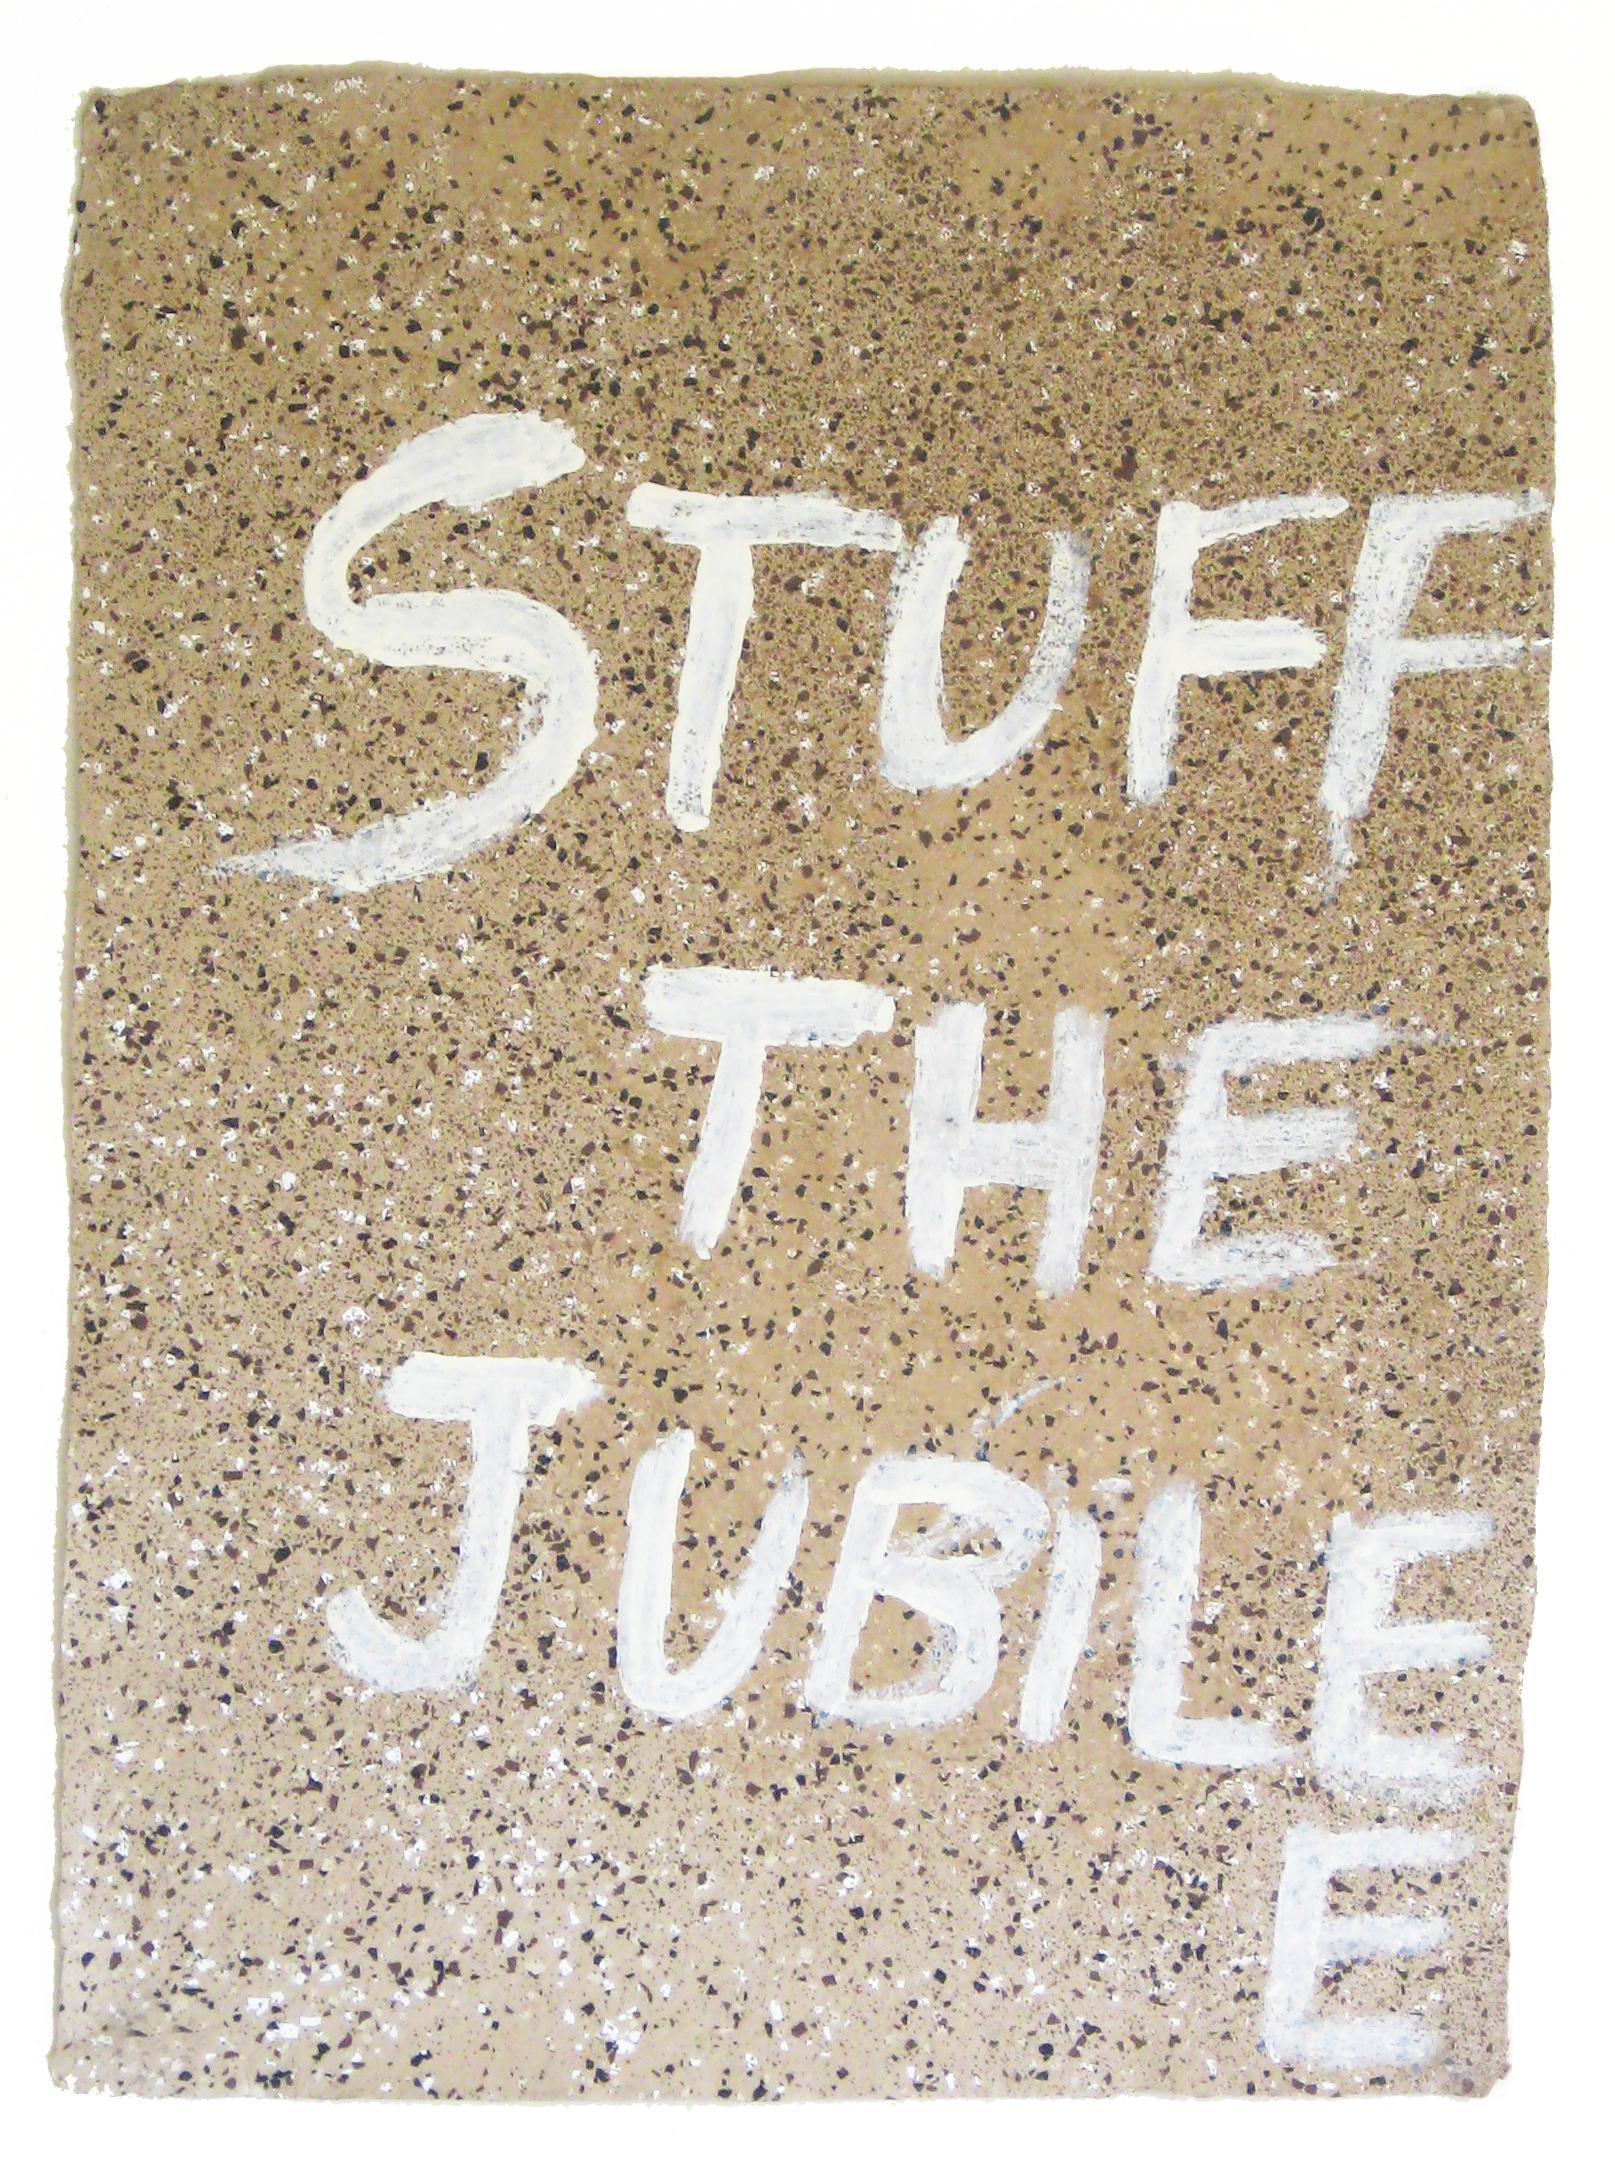 Stuff the Jubilee